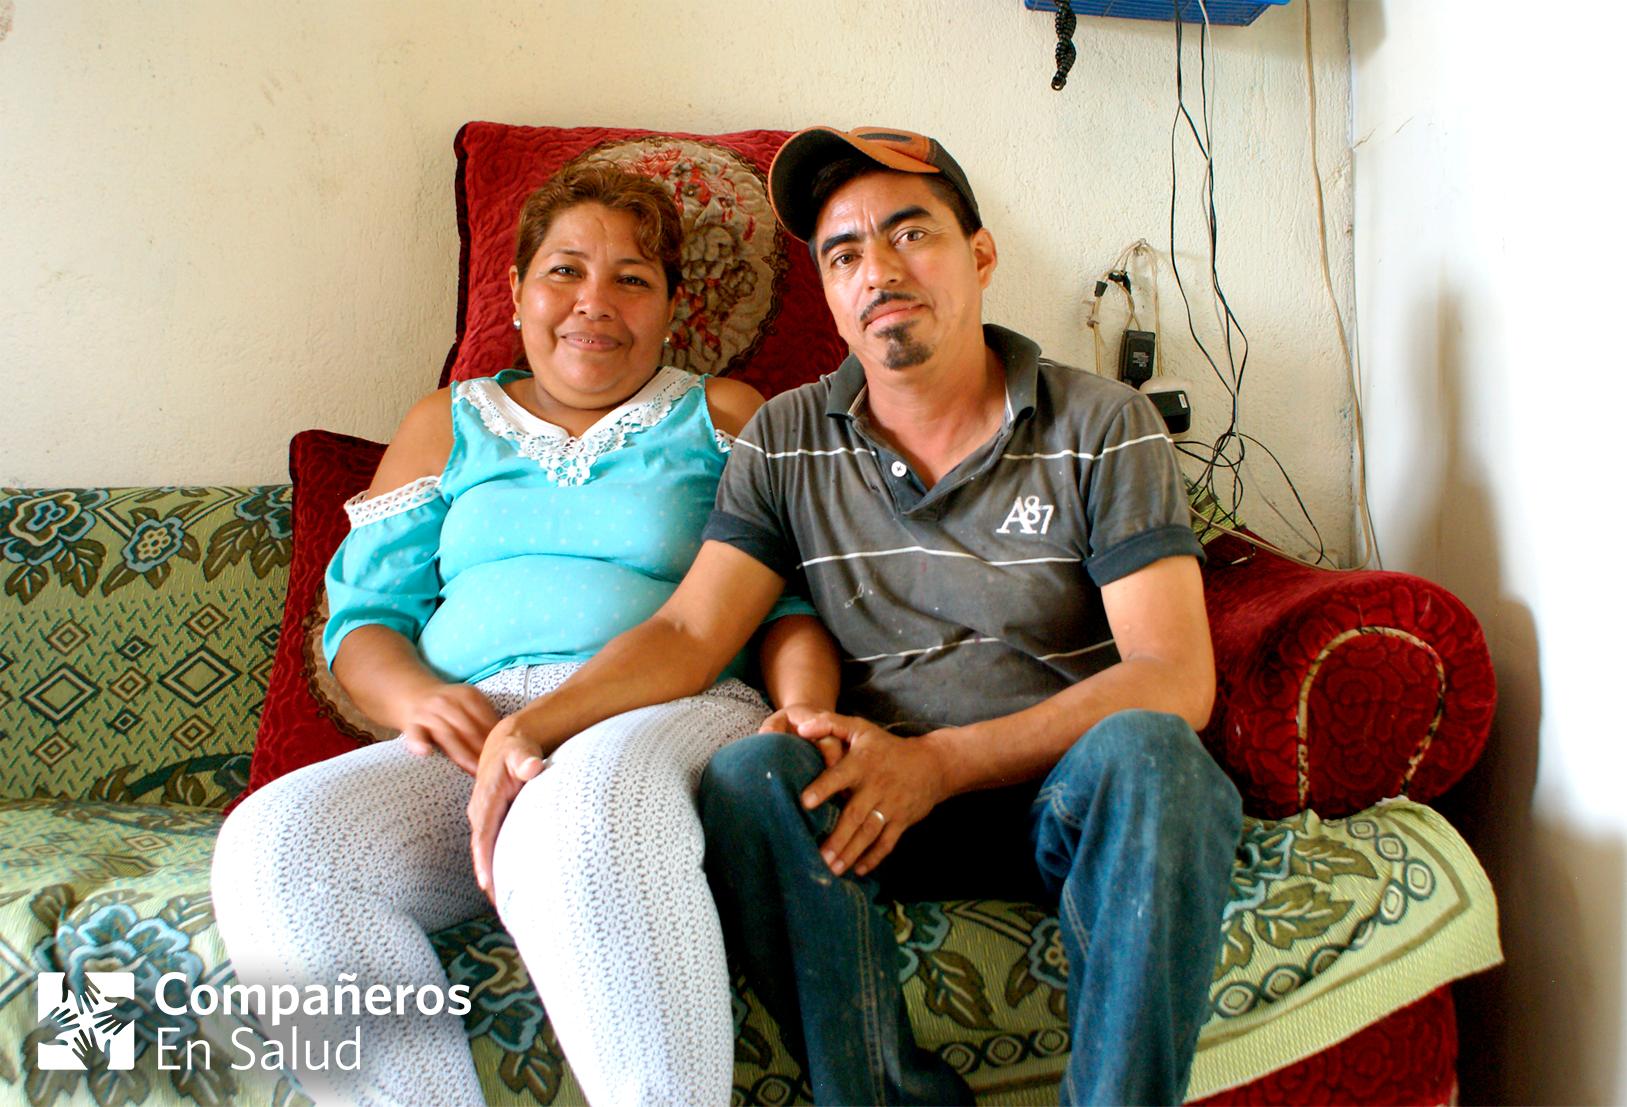 Suyi y su esposo Orlando comprobaron que ante la adversidad y el dolor, lo que fortalece a las personas es el amor y la perseverancia.